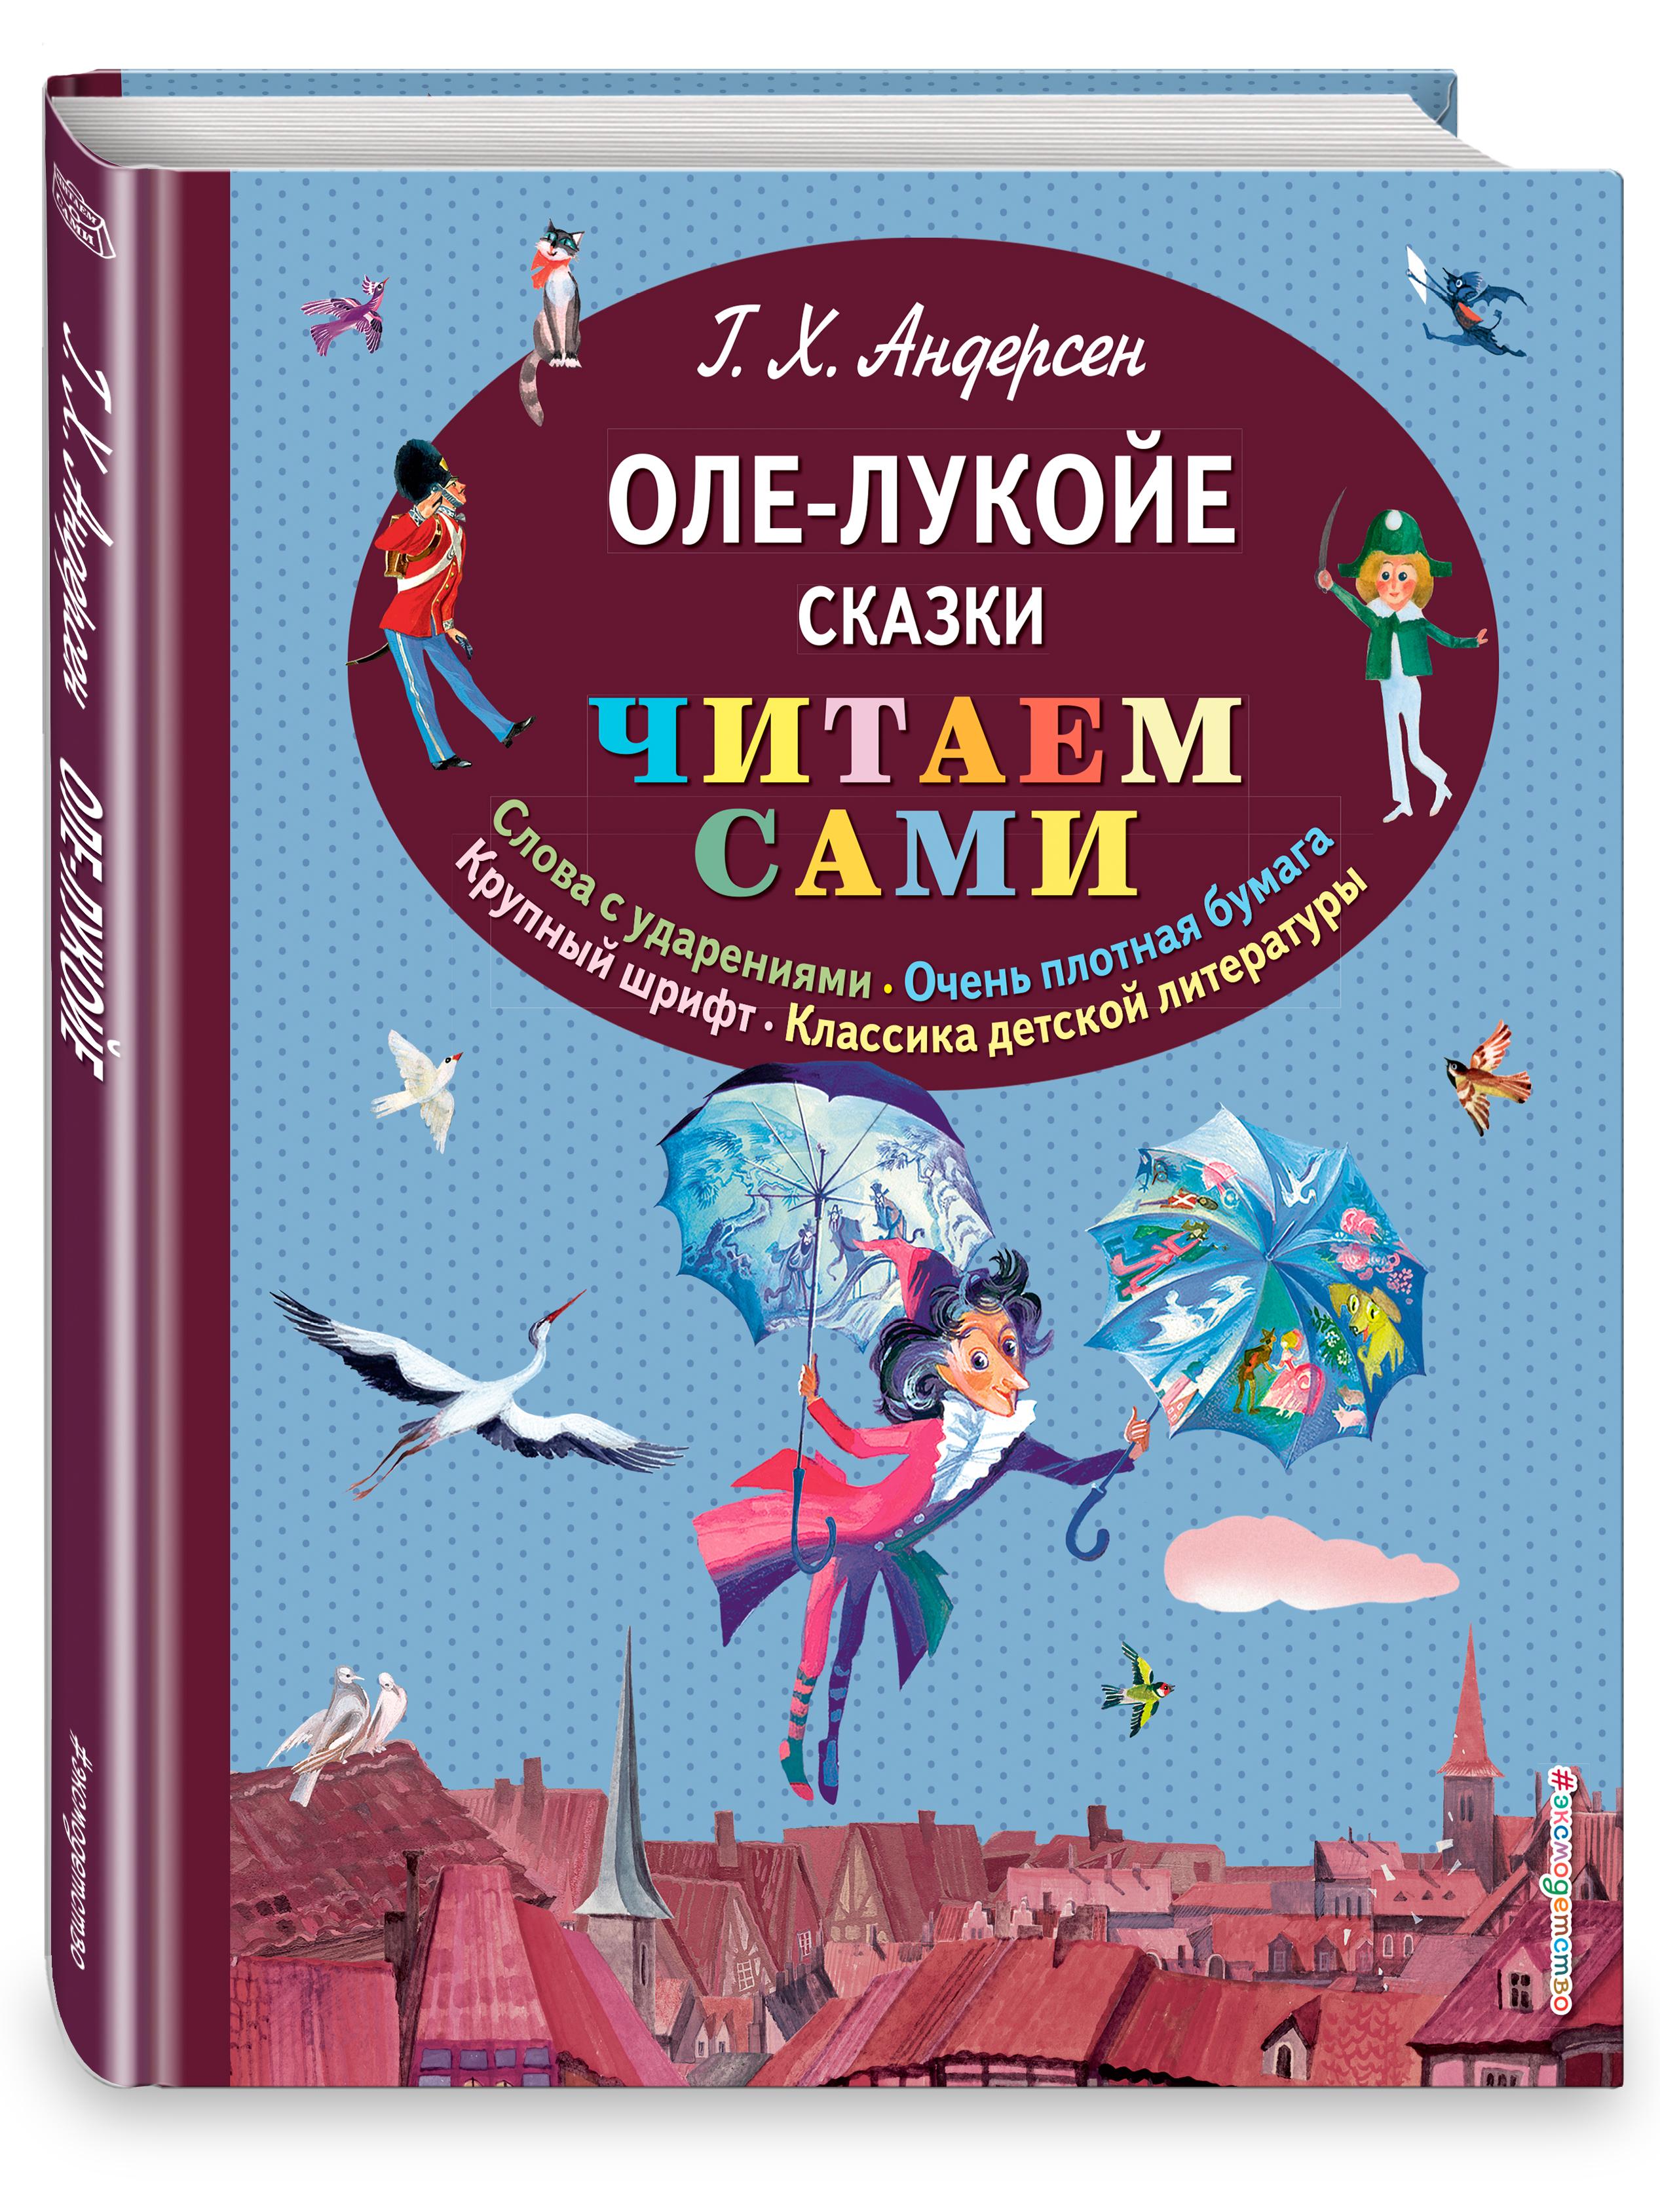 Г. Х. Андерсен Оле-Лукойе. Сказки (ил. Н. Гольц) цена 2017